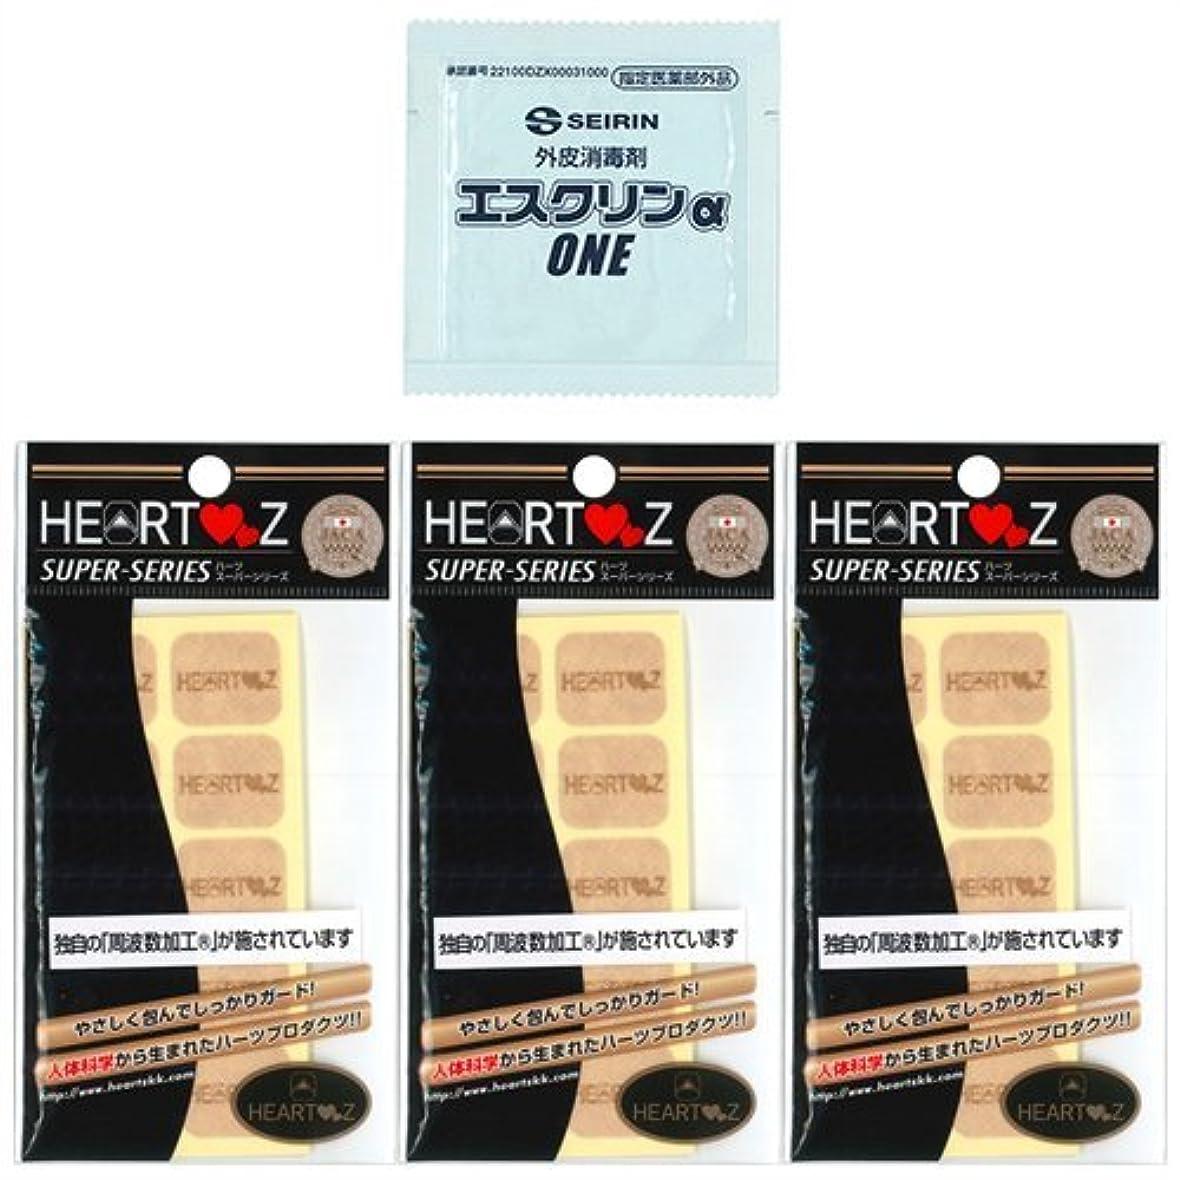 エミュレーションアブセイ誘惑する【HEARTZ(ハーツ)】ハーツスーパーシール レギュラータイプ 80枚入×3個セット (計240枚) + エスクリンαONEx1個 セット